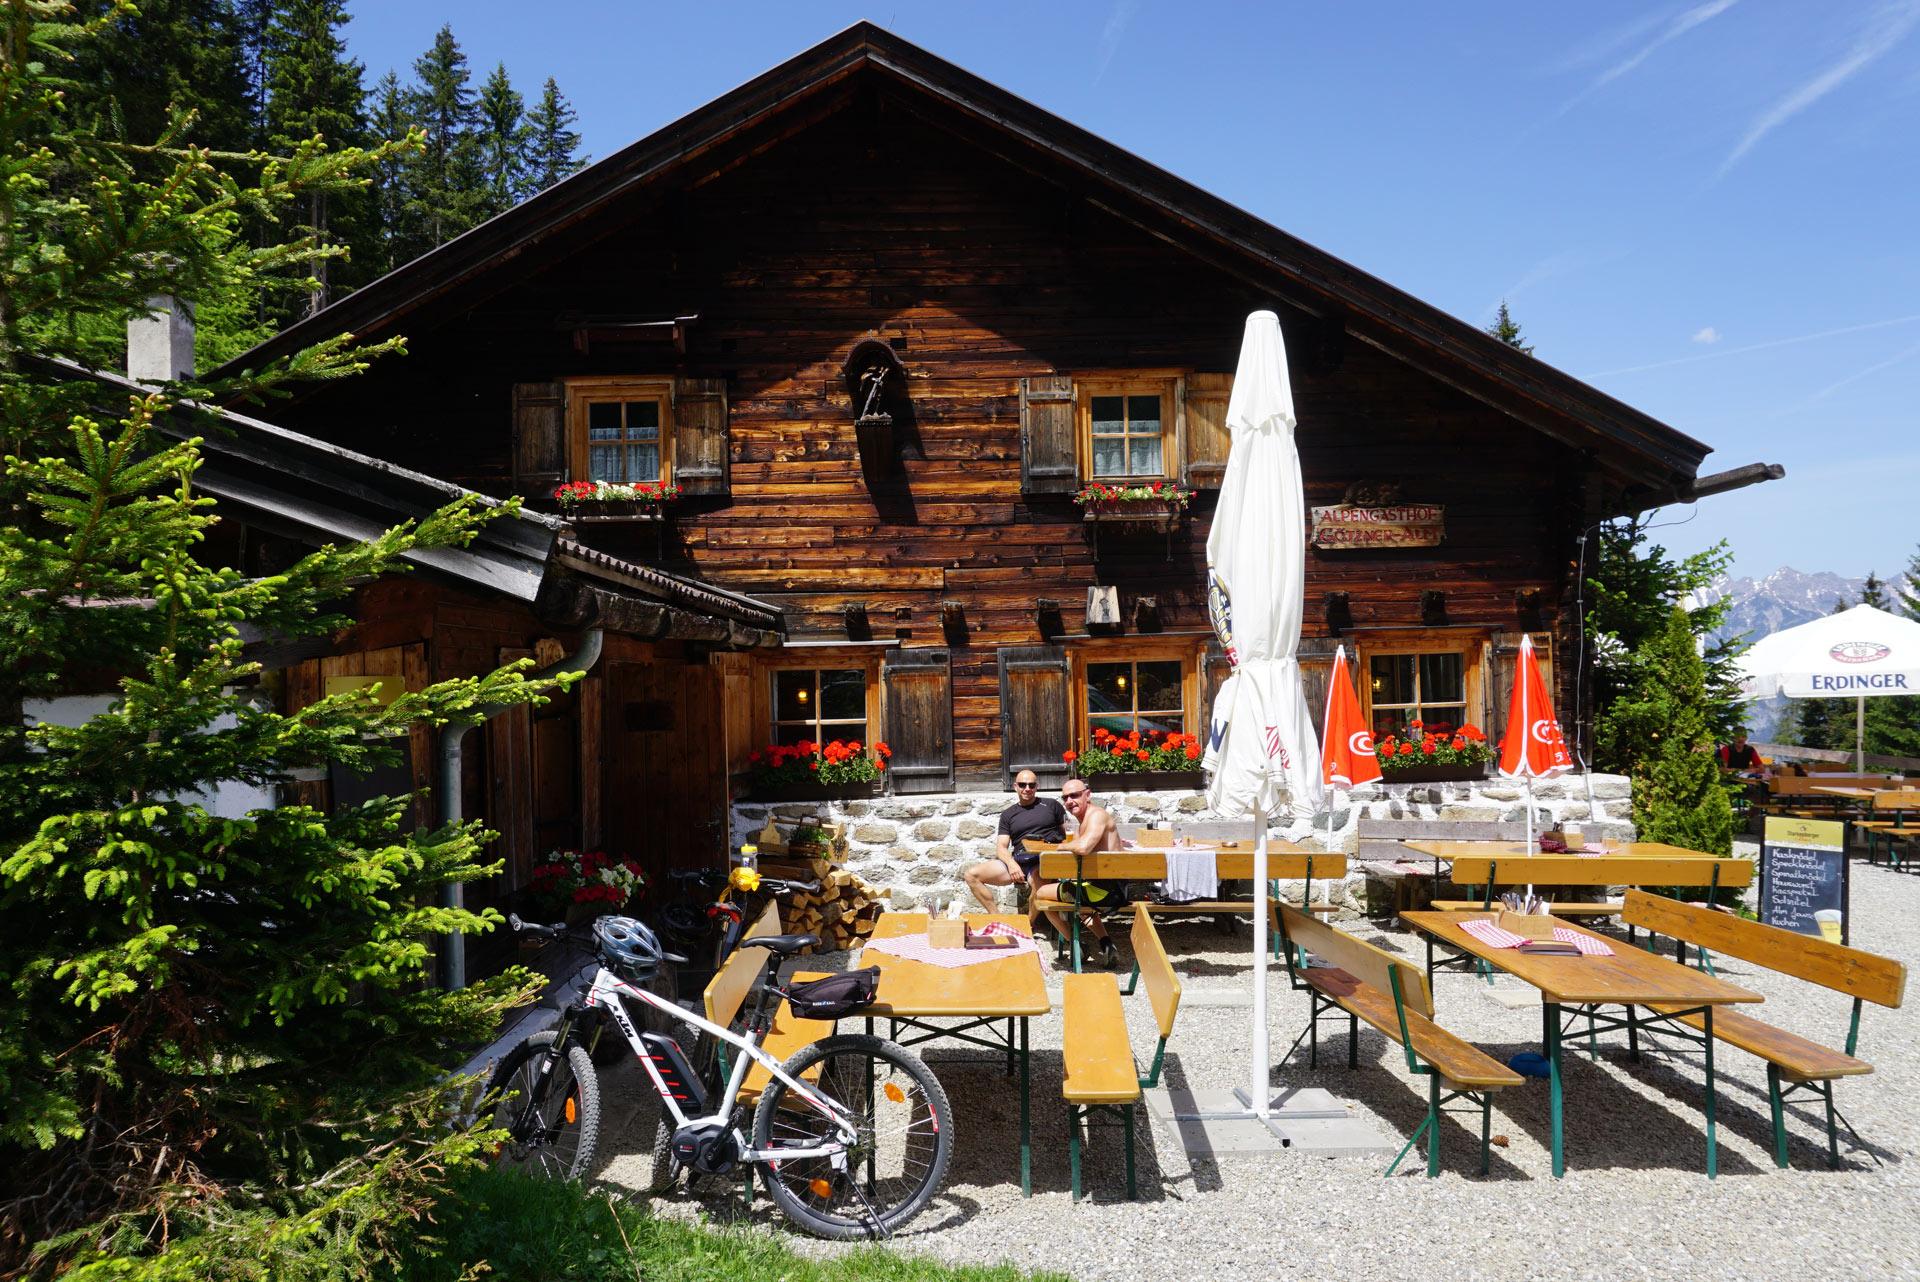 Schule am Bauernhof - Gemeinde Gtzens - Startseite